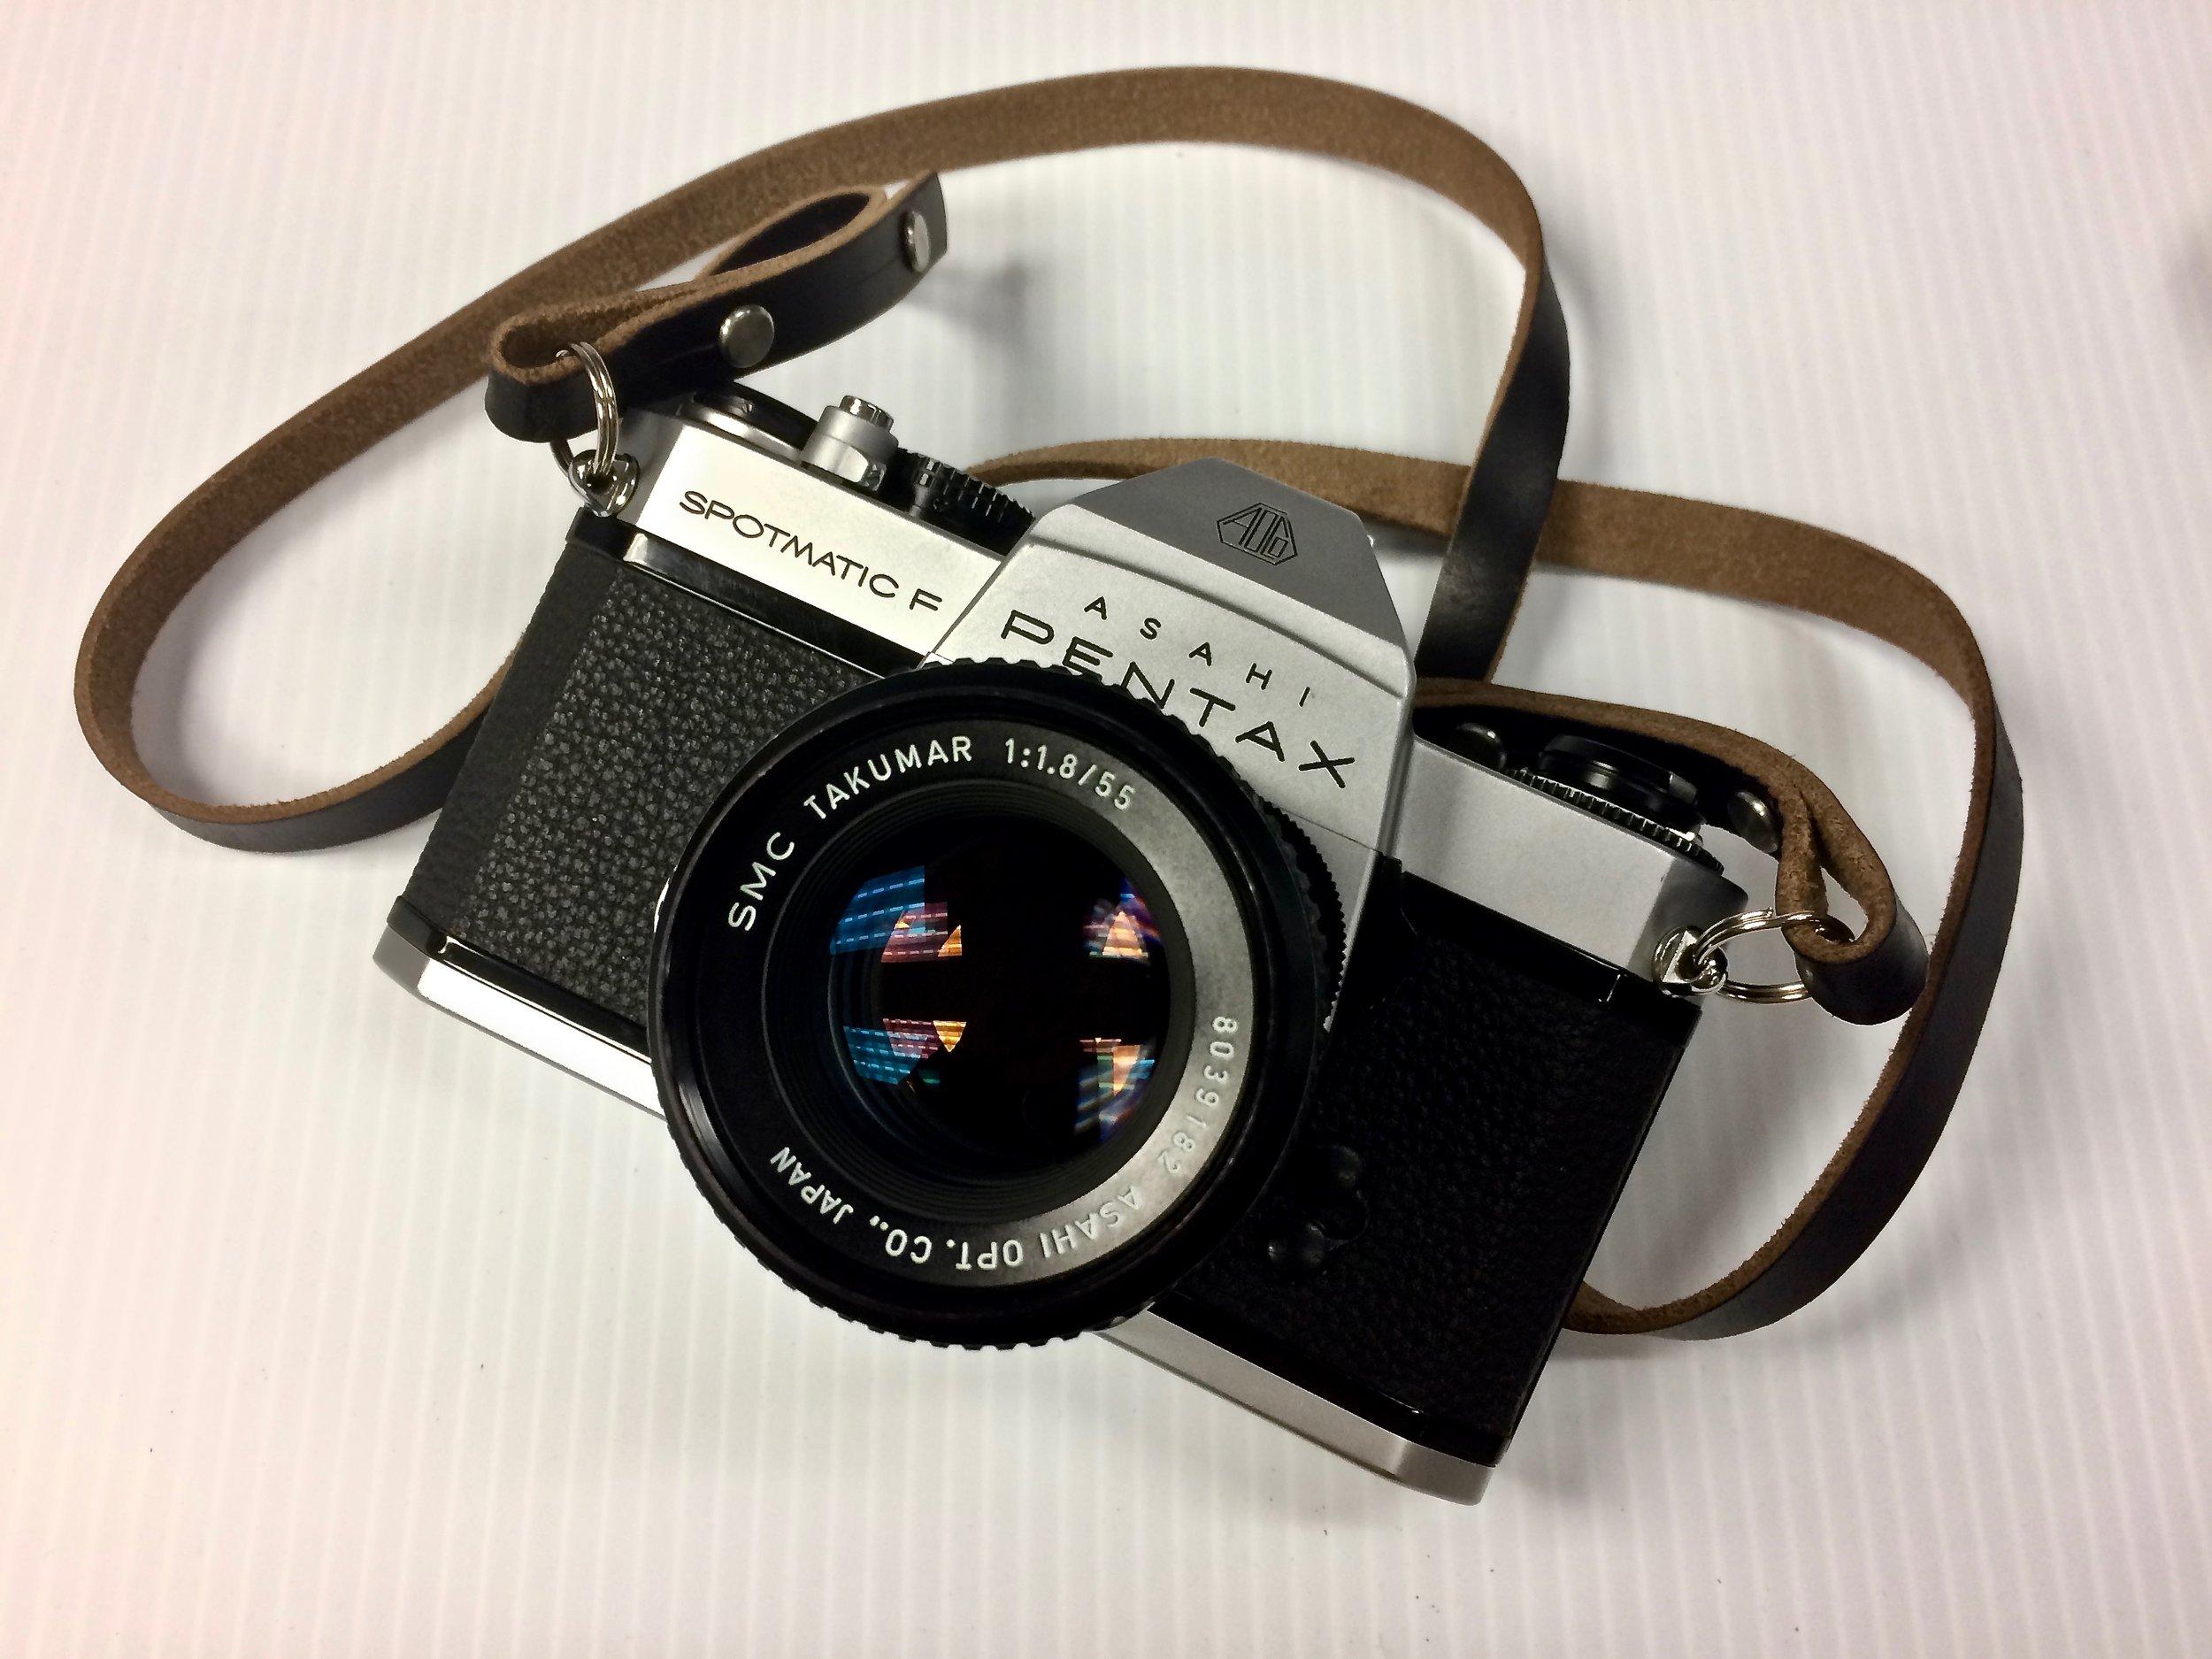 Pentax Spotmatic F with SMC Takumar 55mm f/1.8